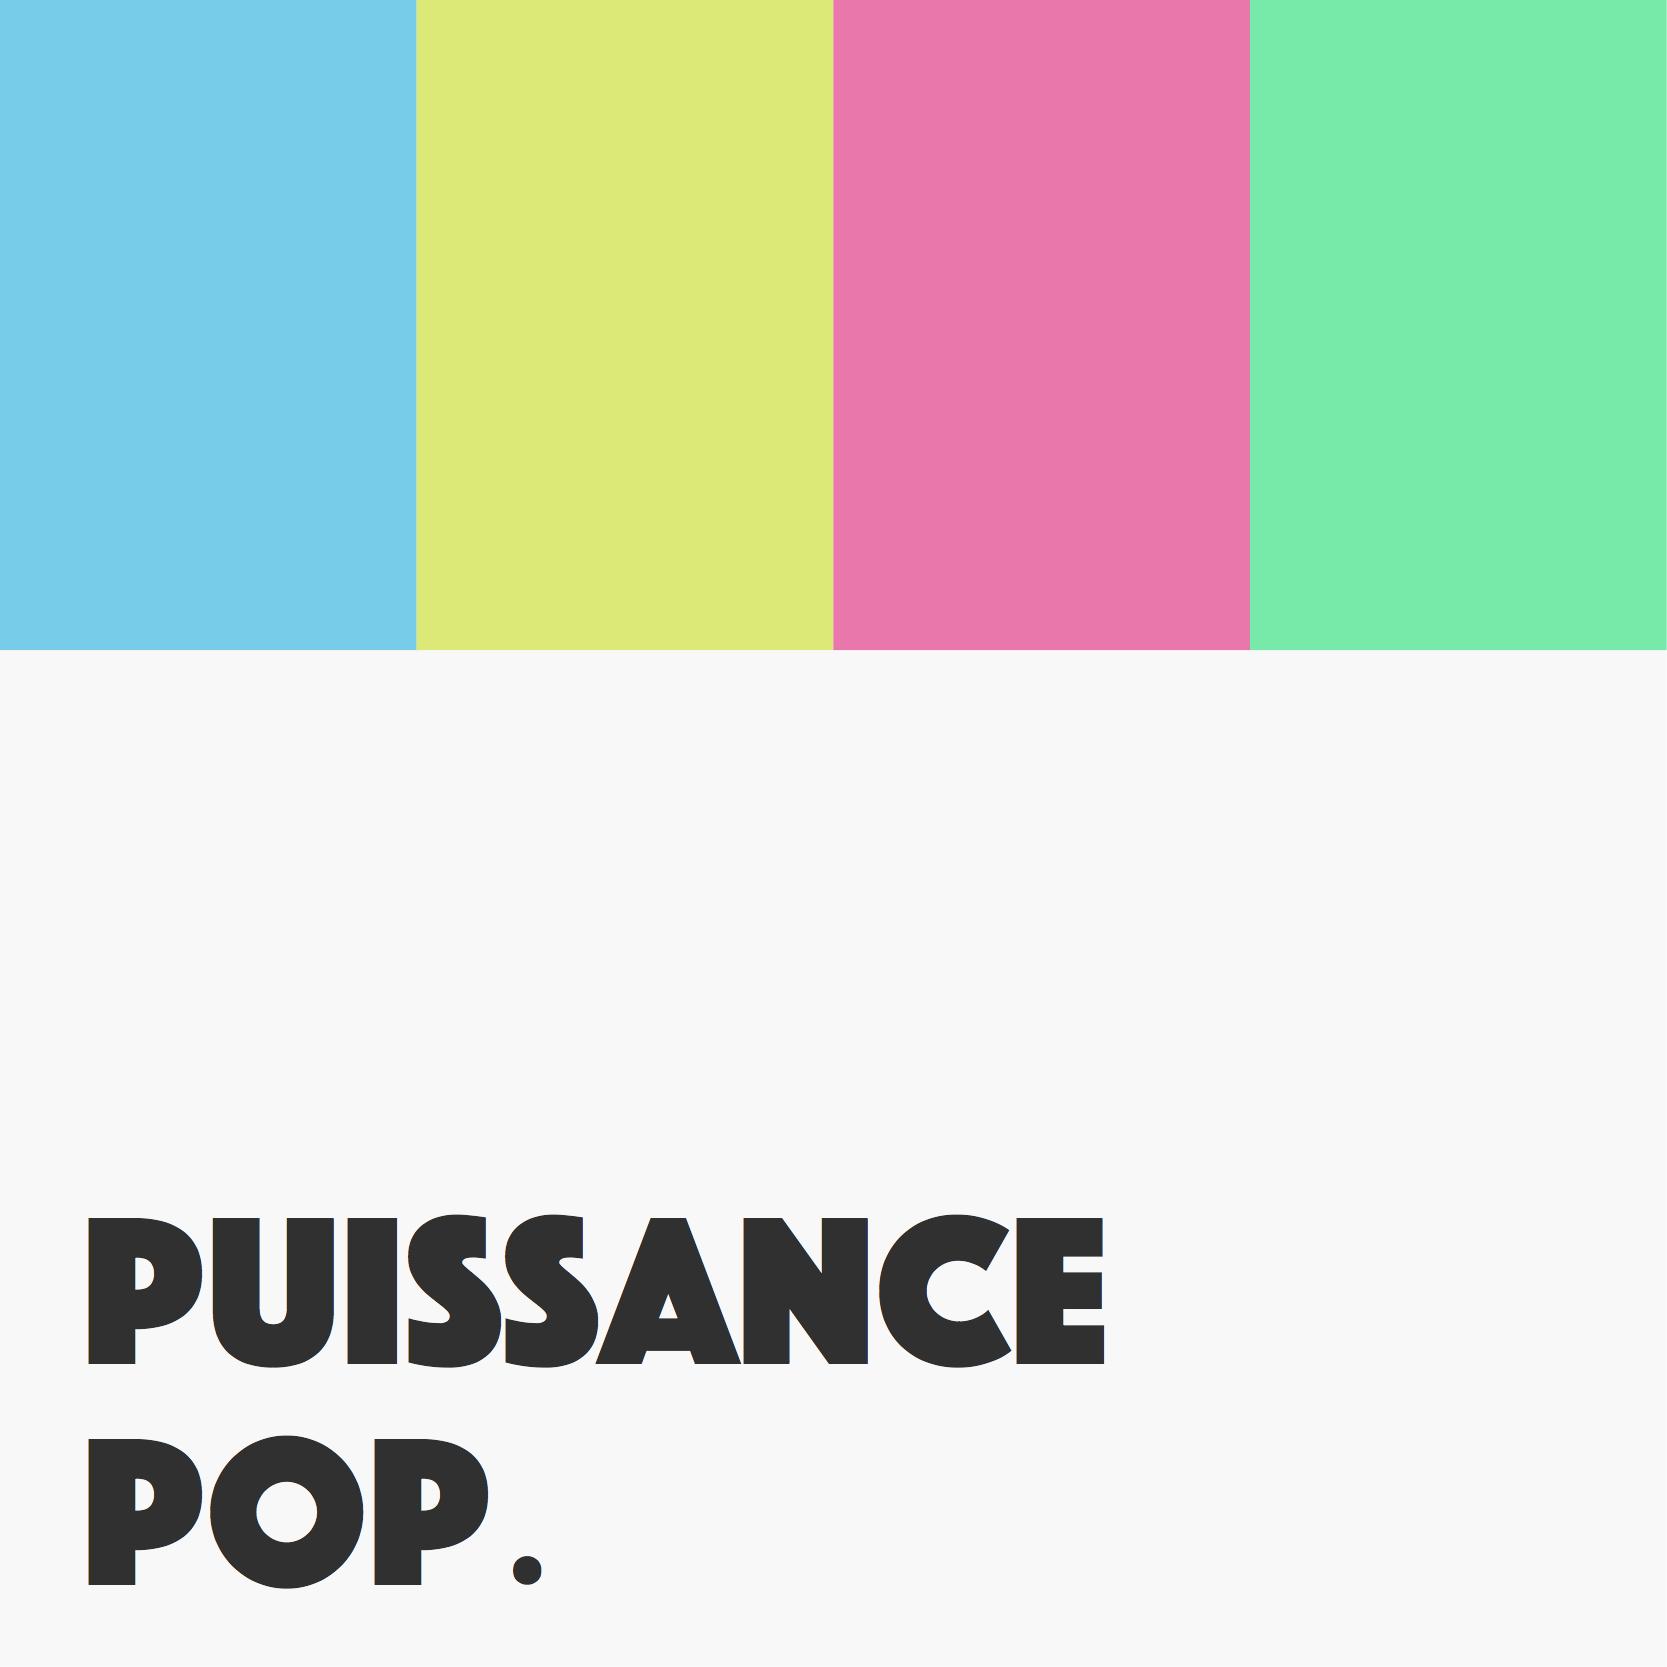 Puissance Pop.